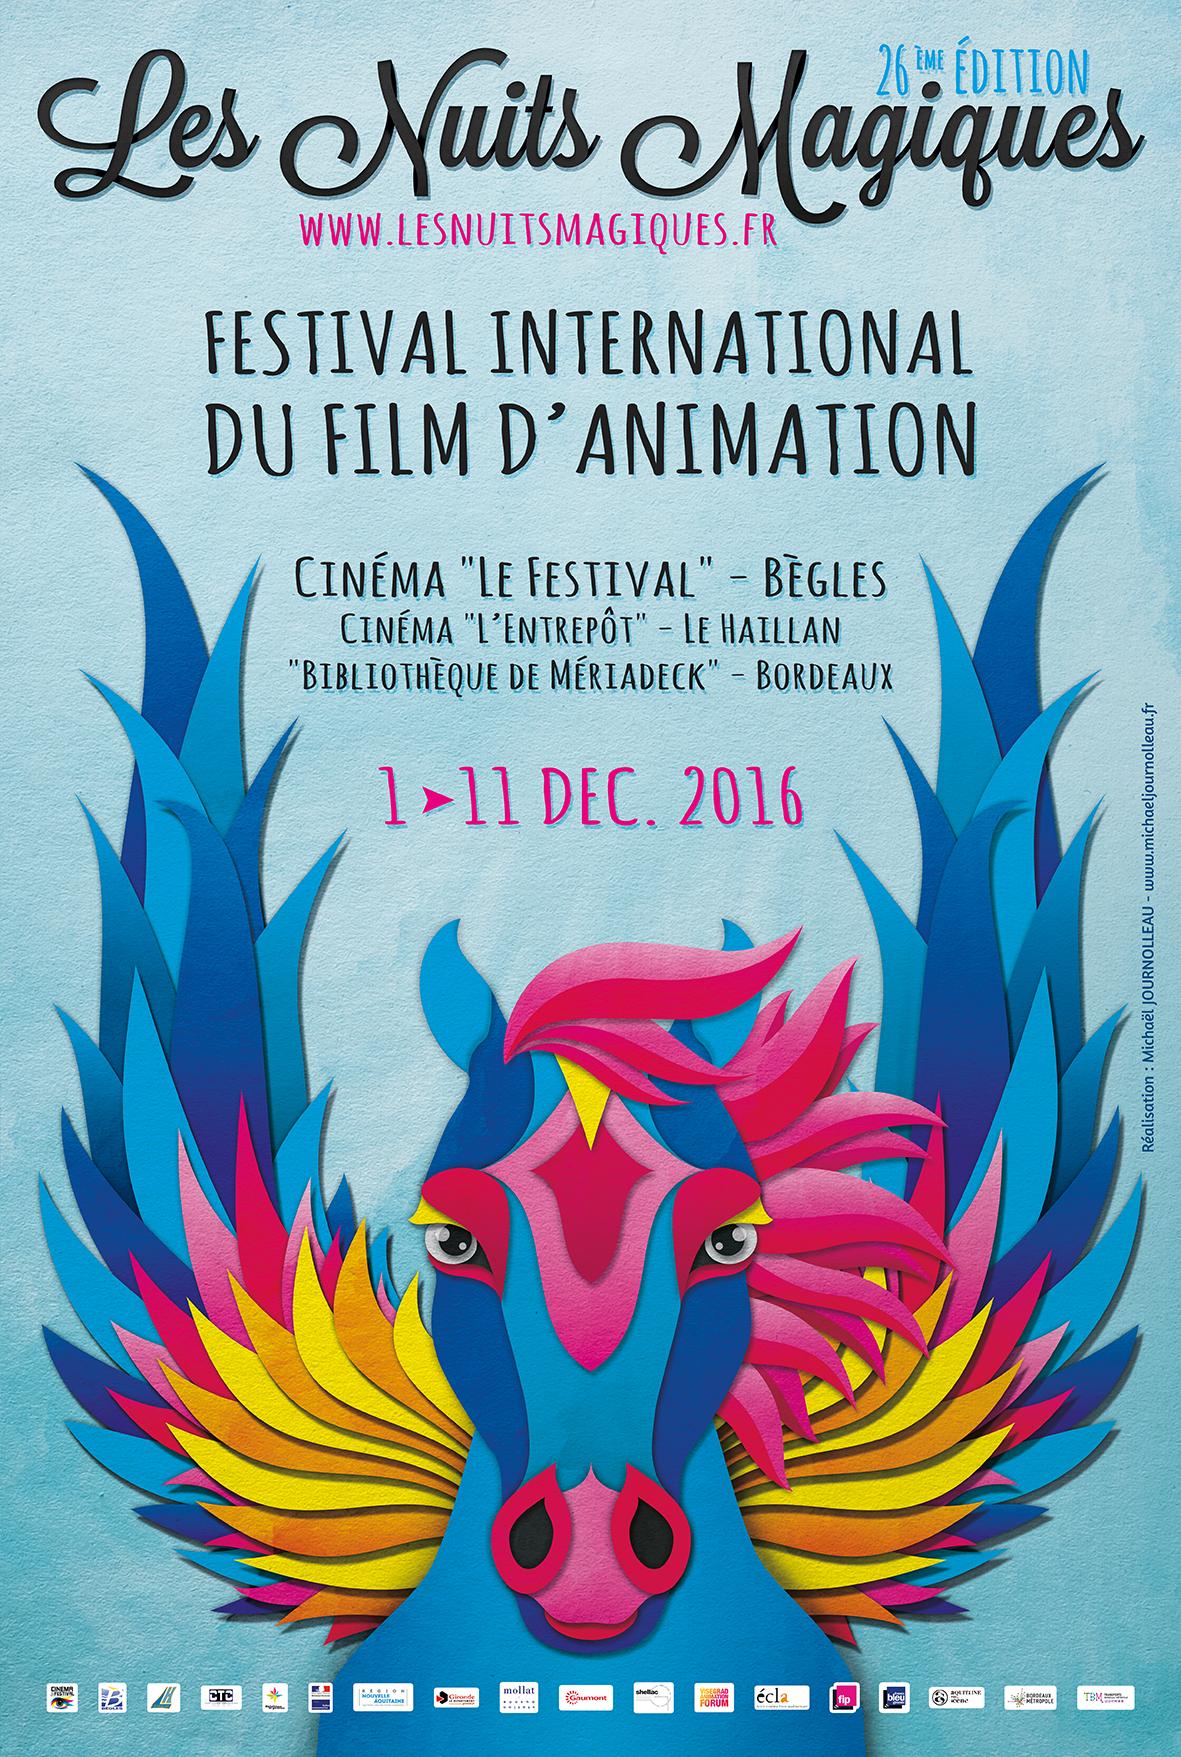 Les Nuits Magiques 2016 – Festival international du film d'animation